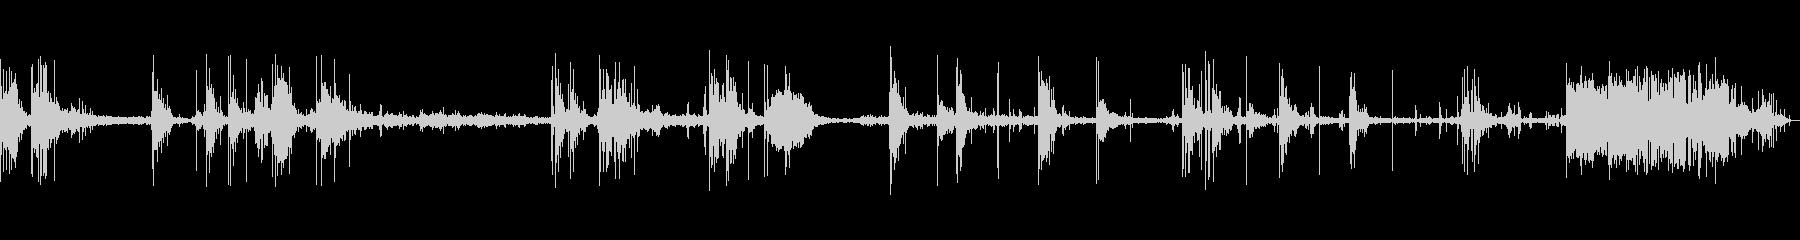 射撃範囲、音声、B / Gライフル...の未再生の波形